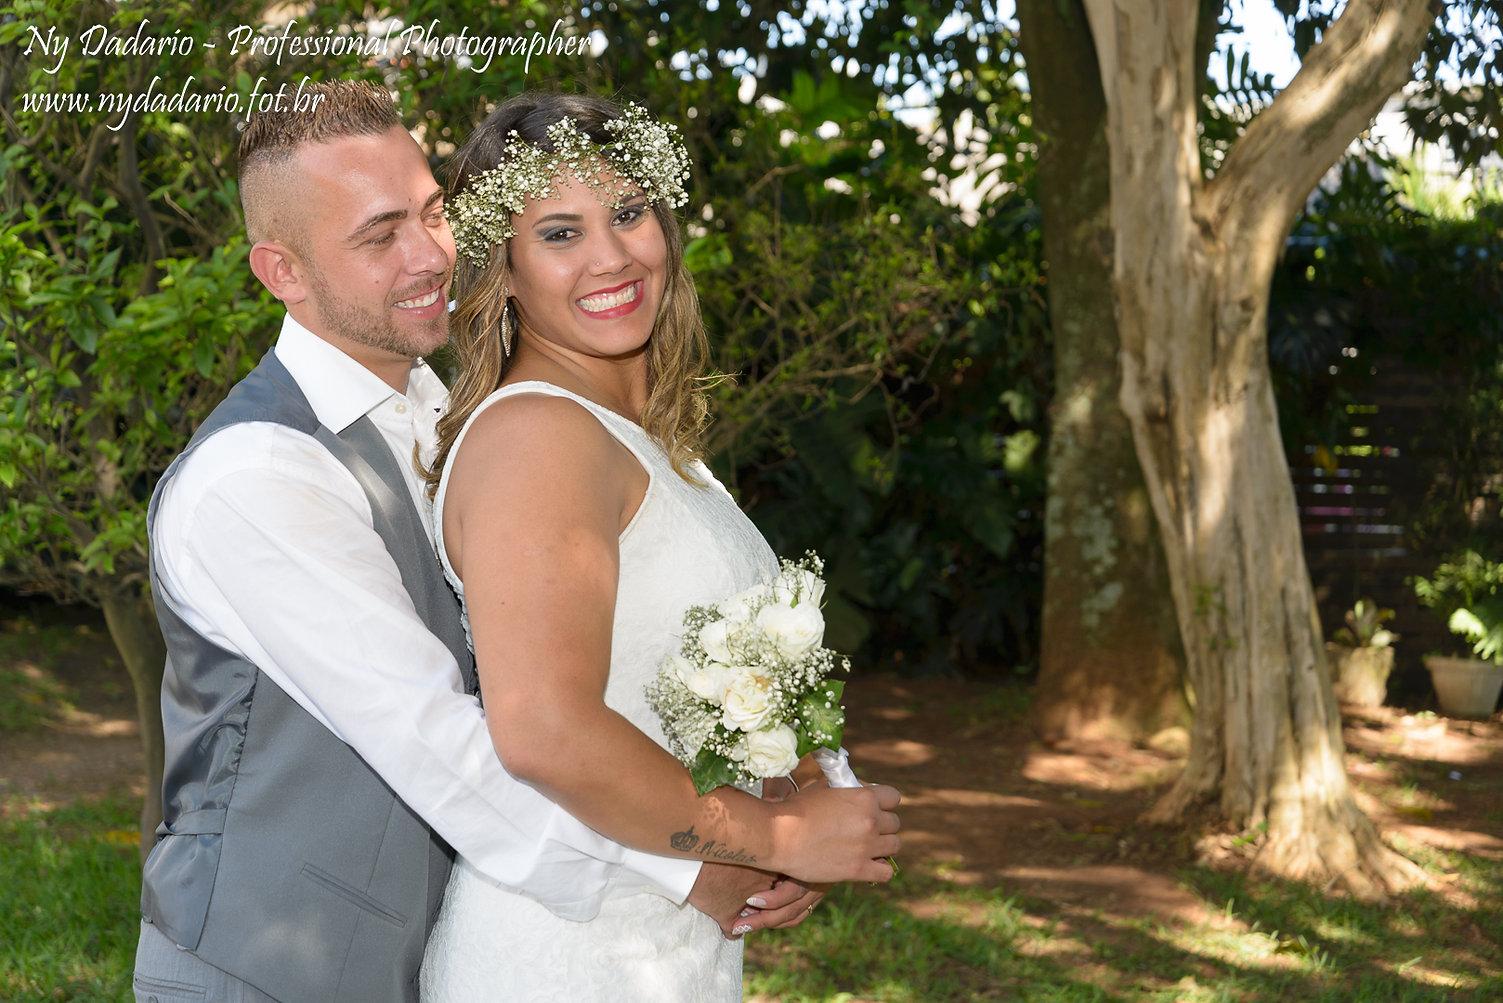 Cobertura Fotográfica e de Filmagem de Camamento e Mini-Wedding em estúdio fotográfico no tatuapé, zona leste de São Paulo